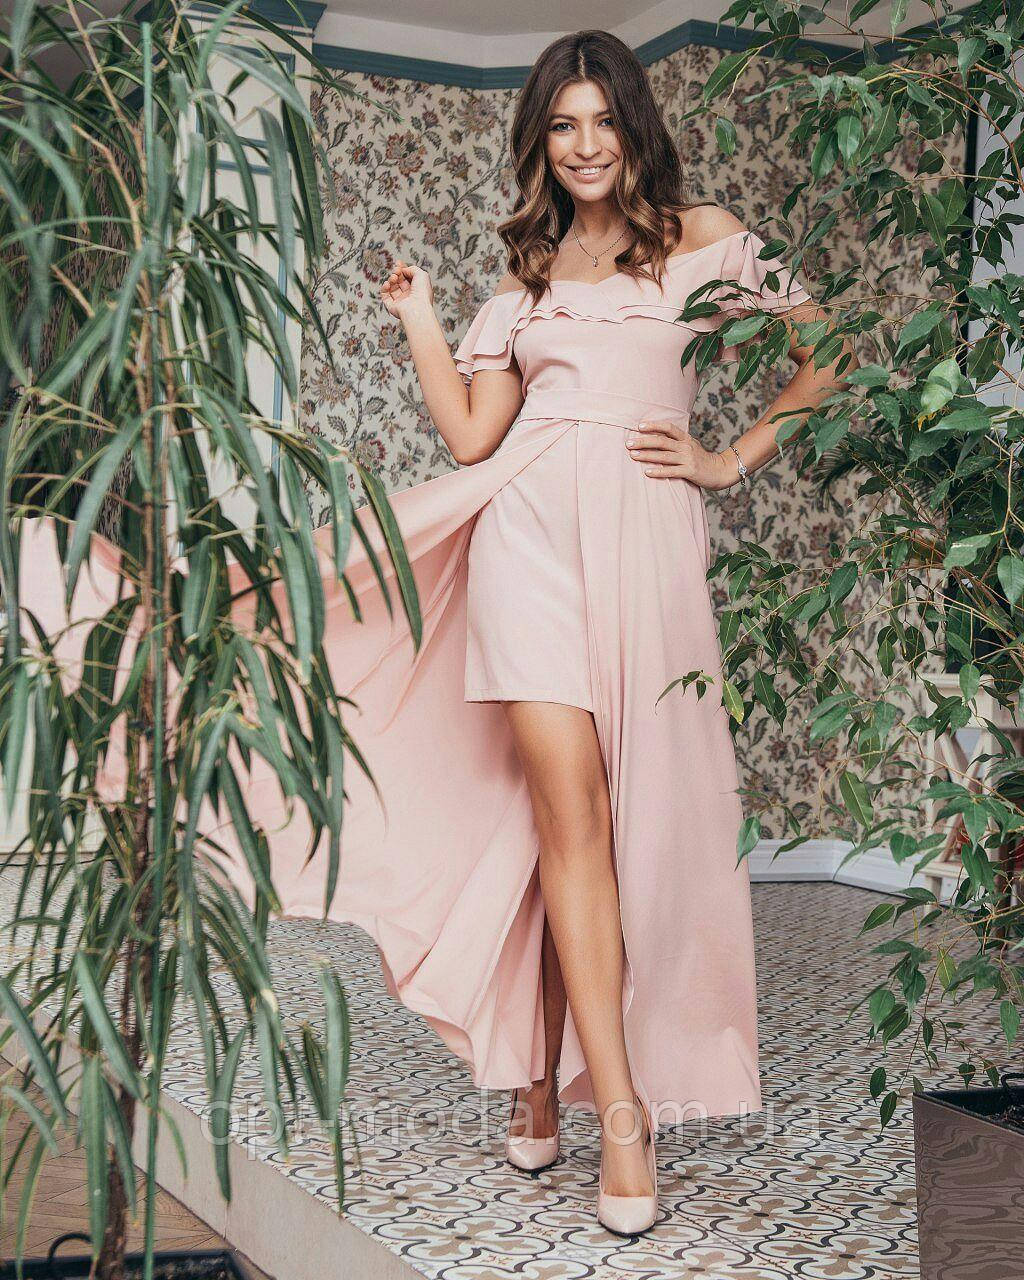 Шикарное романтичное женское платье с ассиметричной юбкой и открытыми плечами, S/M/L/, софт, цвета